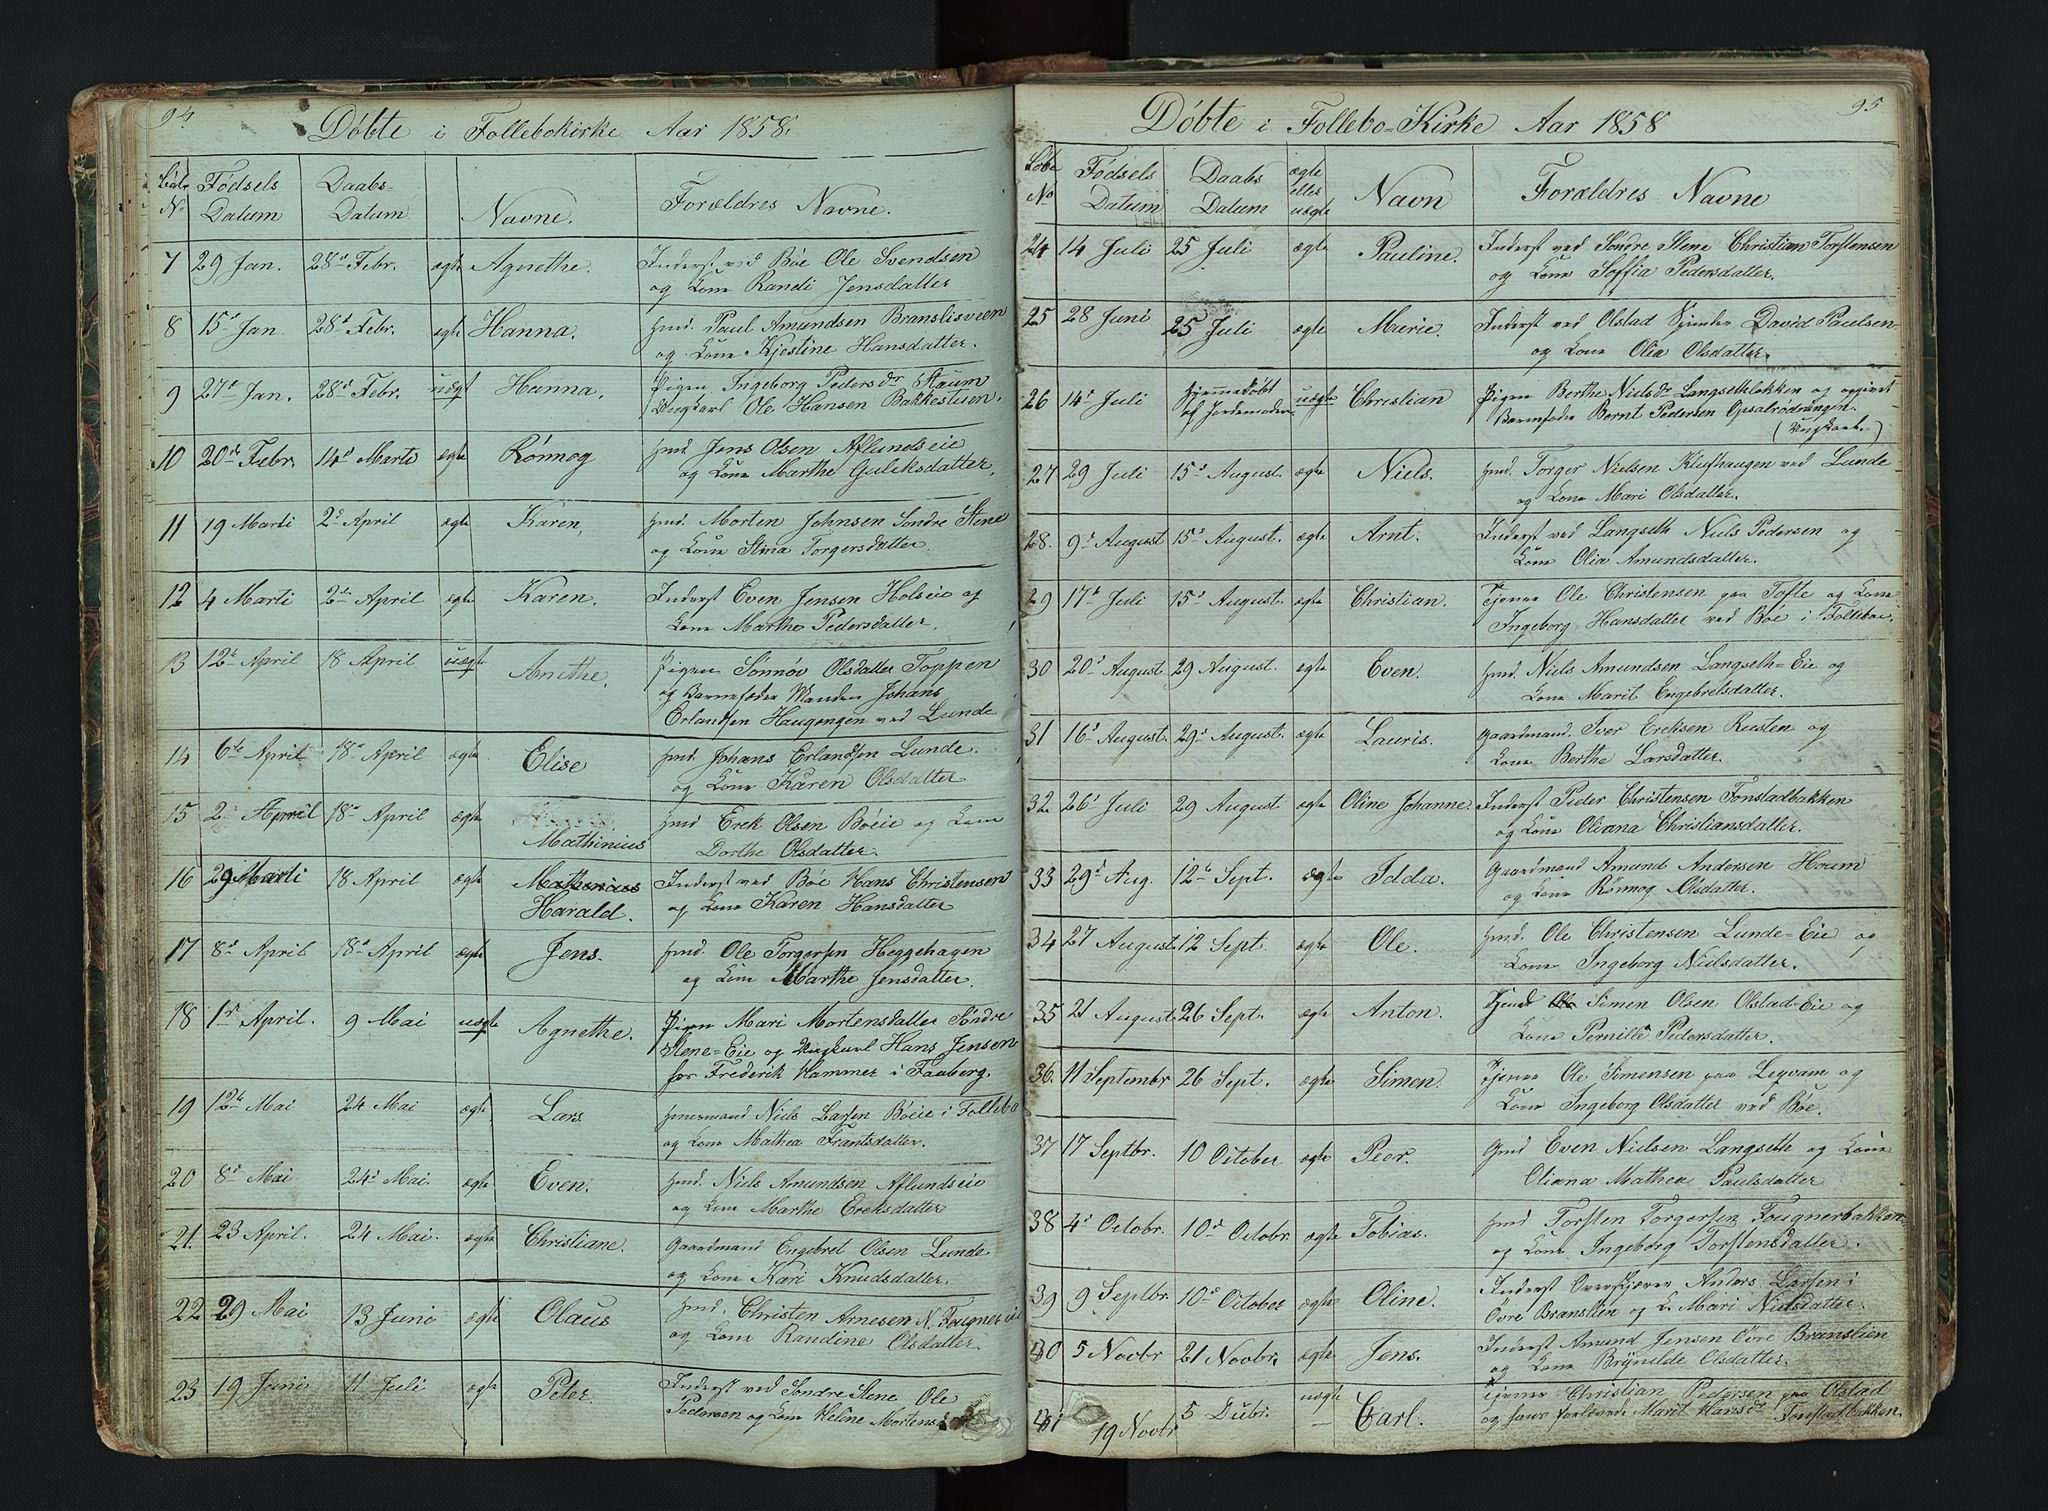 SAH, Gausdal prestekontor, Klokkerbok nr. 6, 1846-1893, s. 94-95